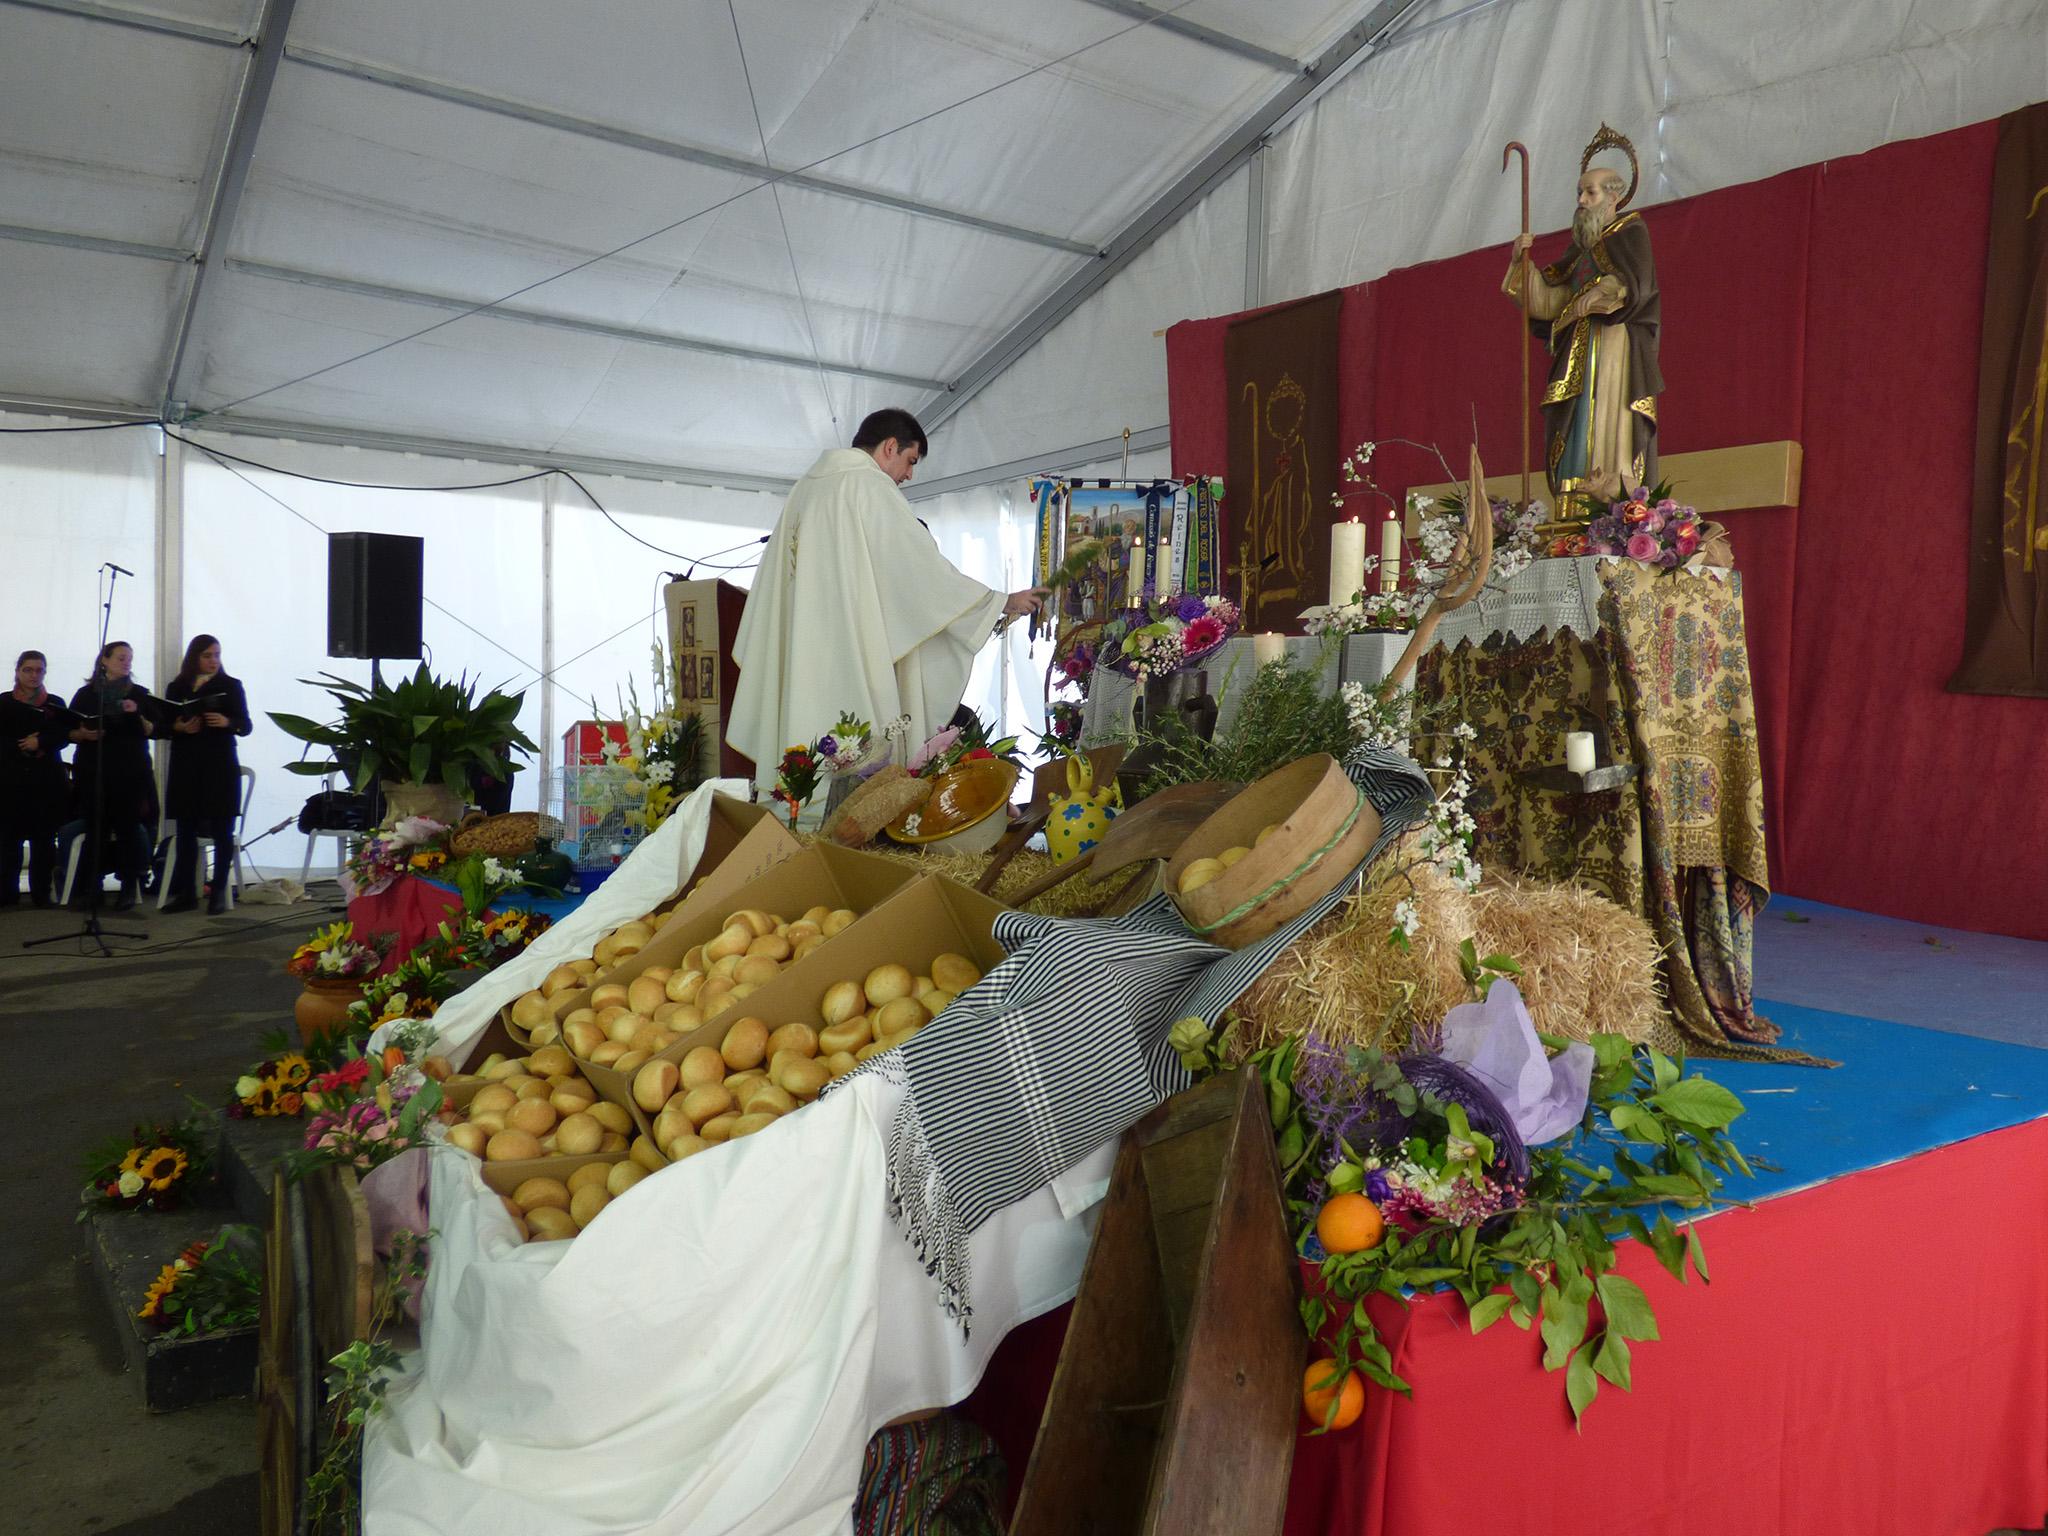 FIESTAS ERMITA.- Tradición y costumbres de l'horta por Sant Antoni